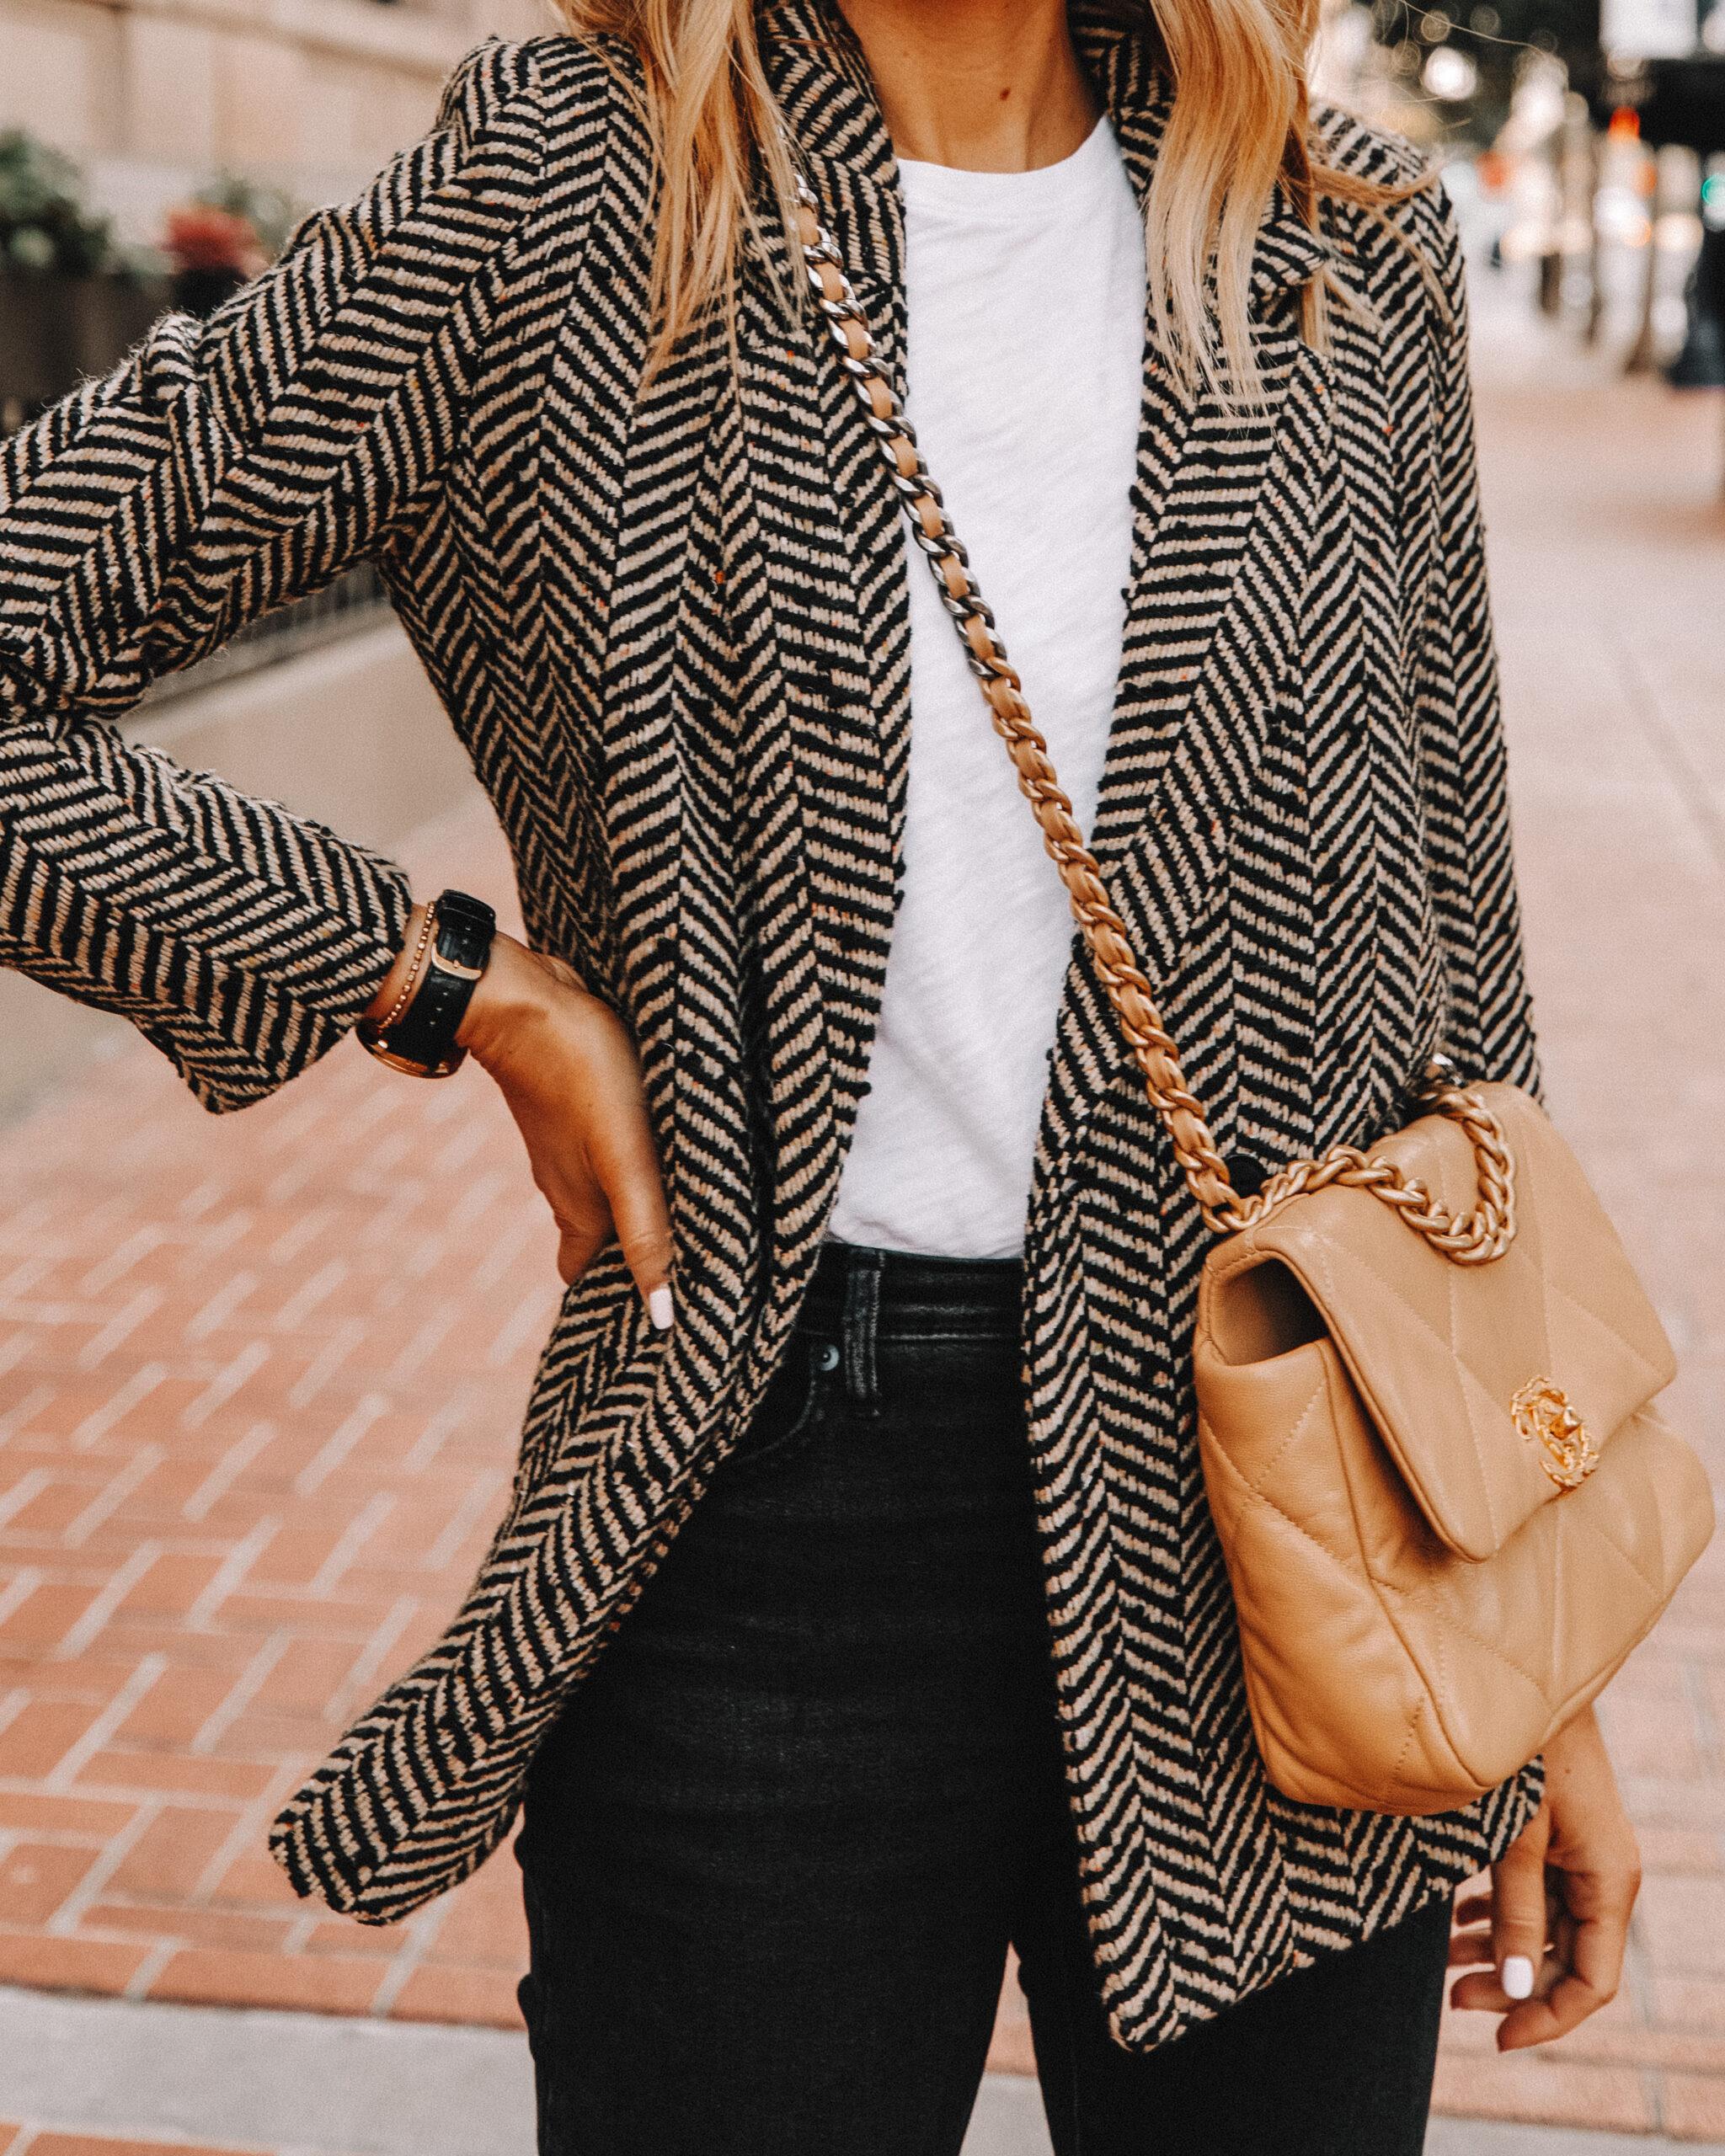 Fashion Jackson Wearing Anine Bing Fishbone Blazer White Tshirt Black Jeans Chanel 19 Handbag